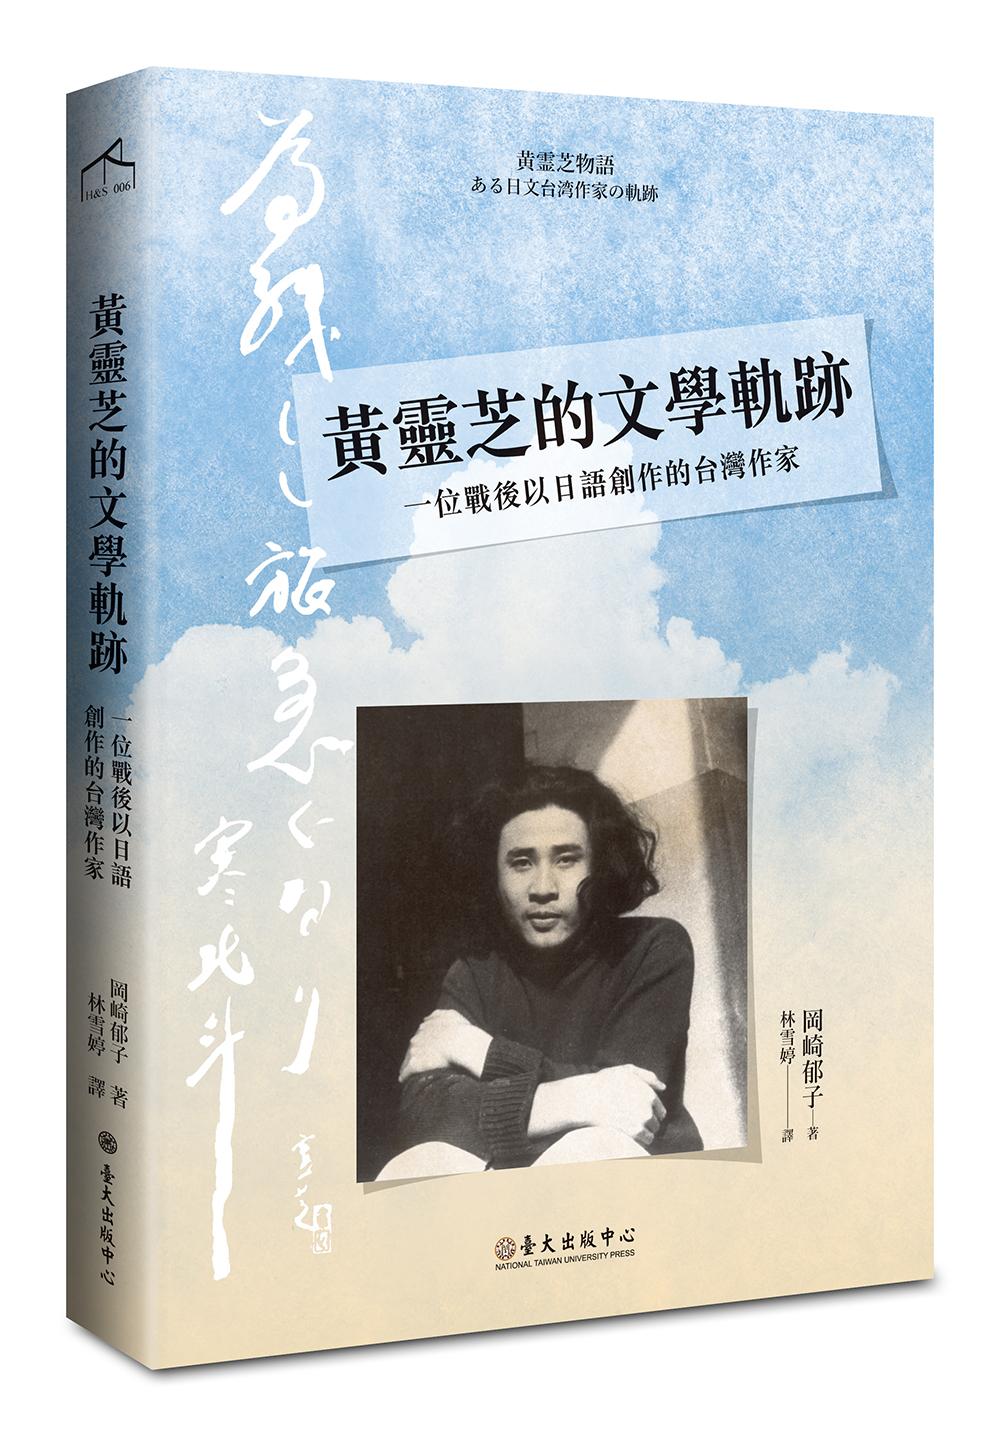 黃靈芝的文學軌跡──一位戰後以日語創作的台灣作家